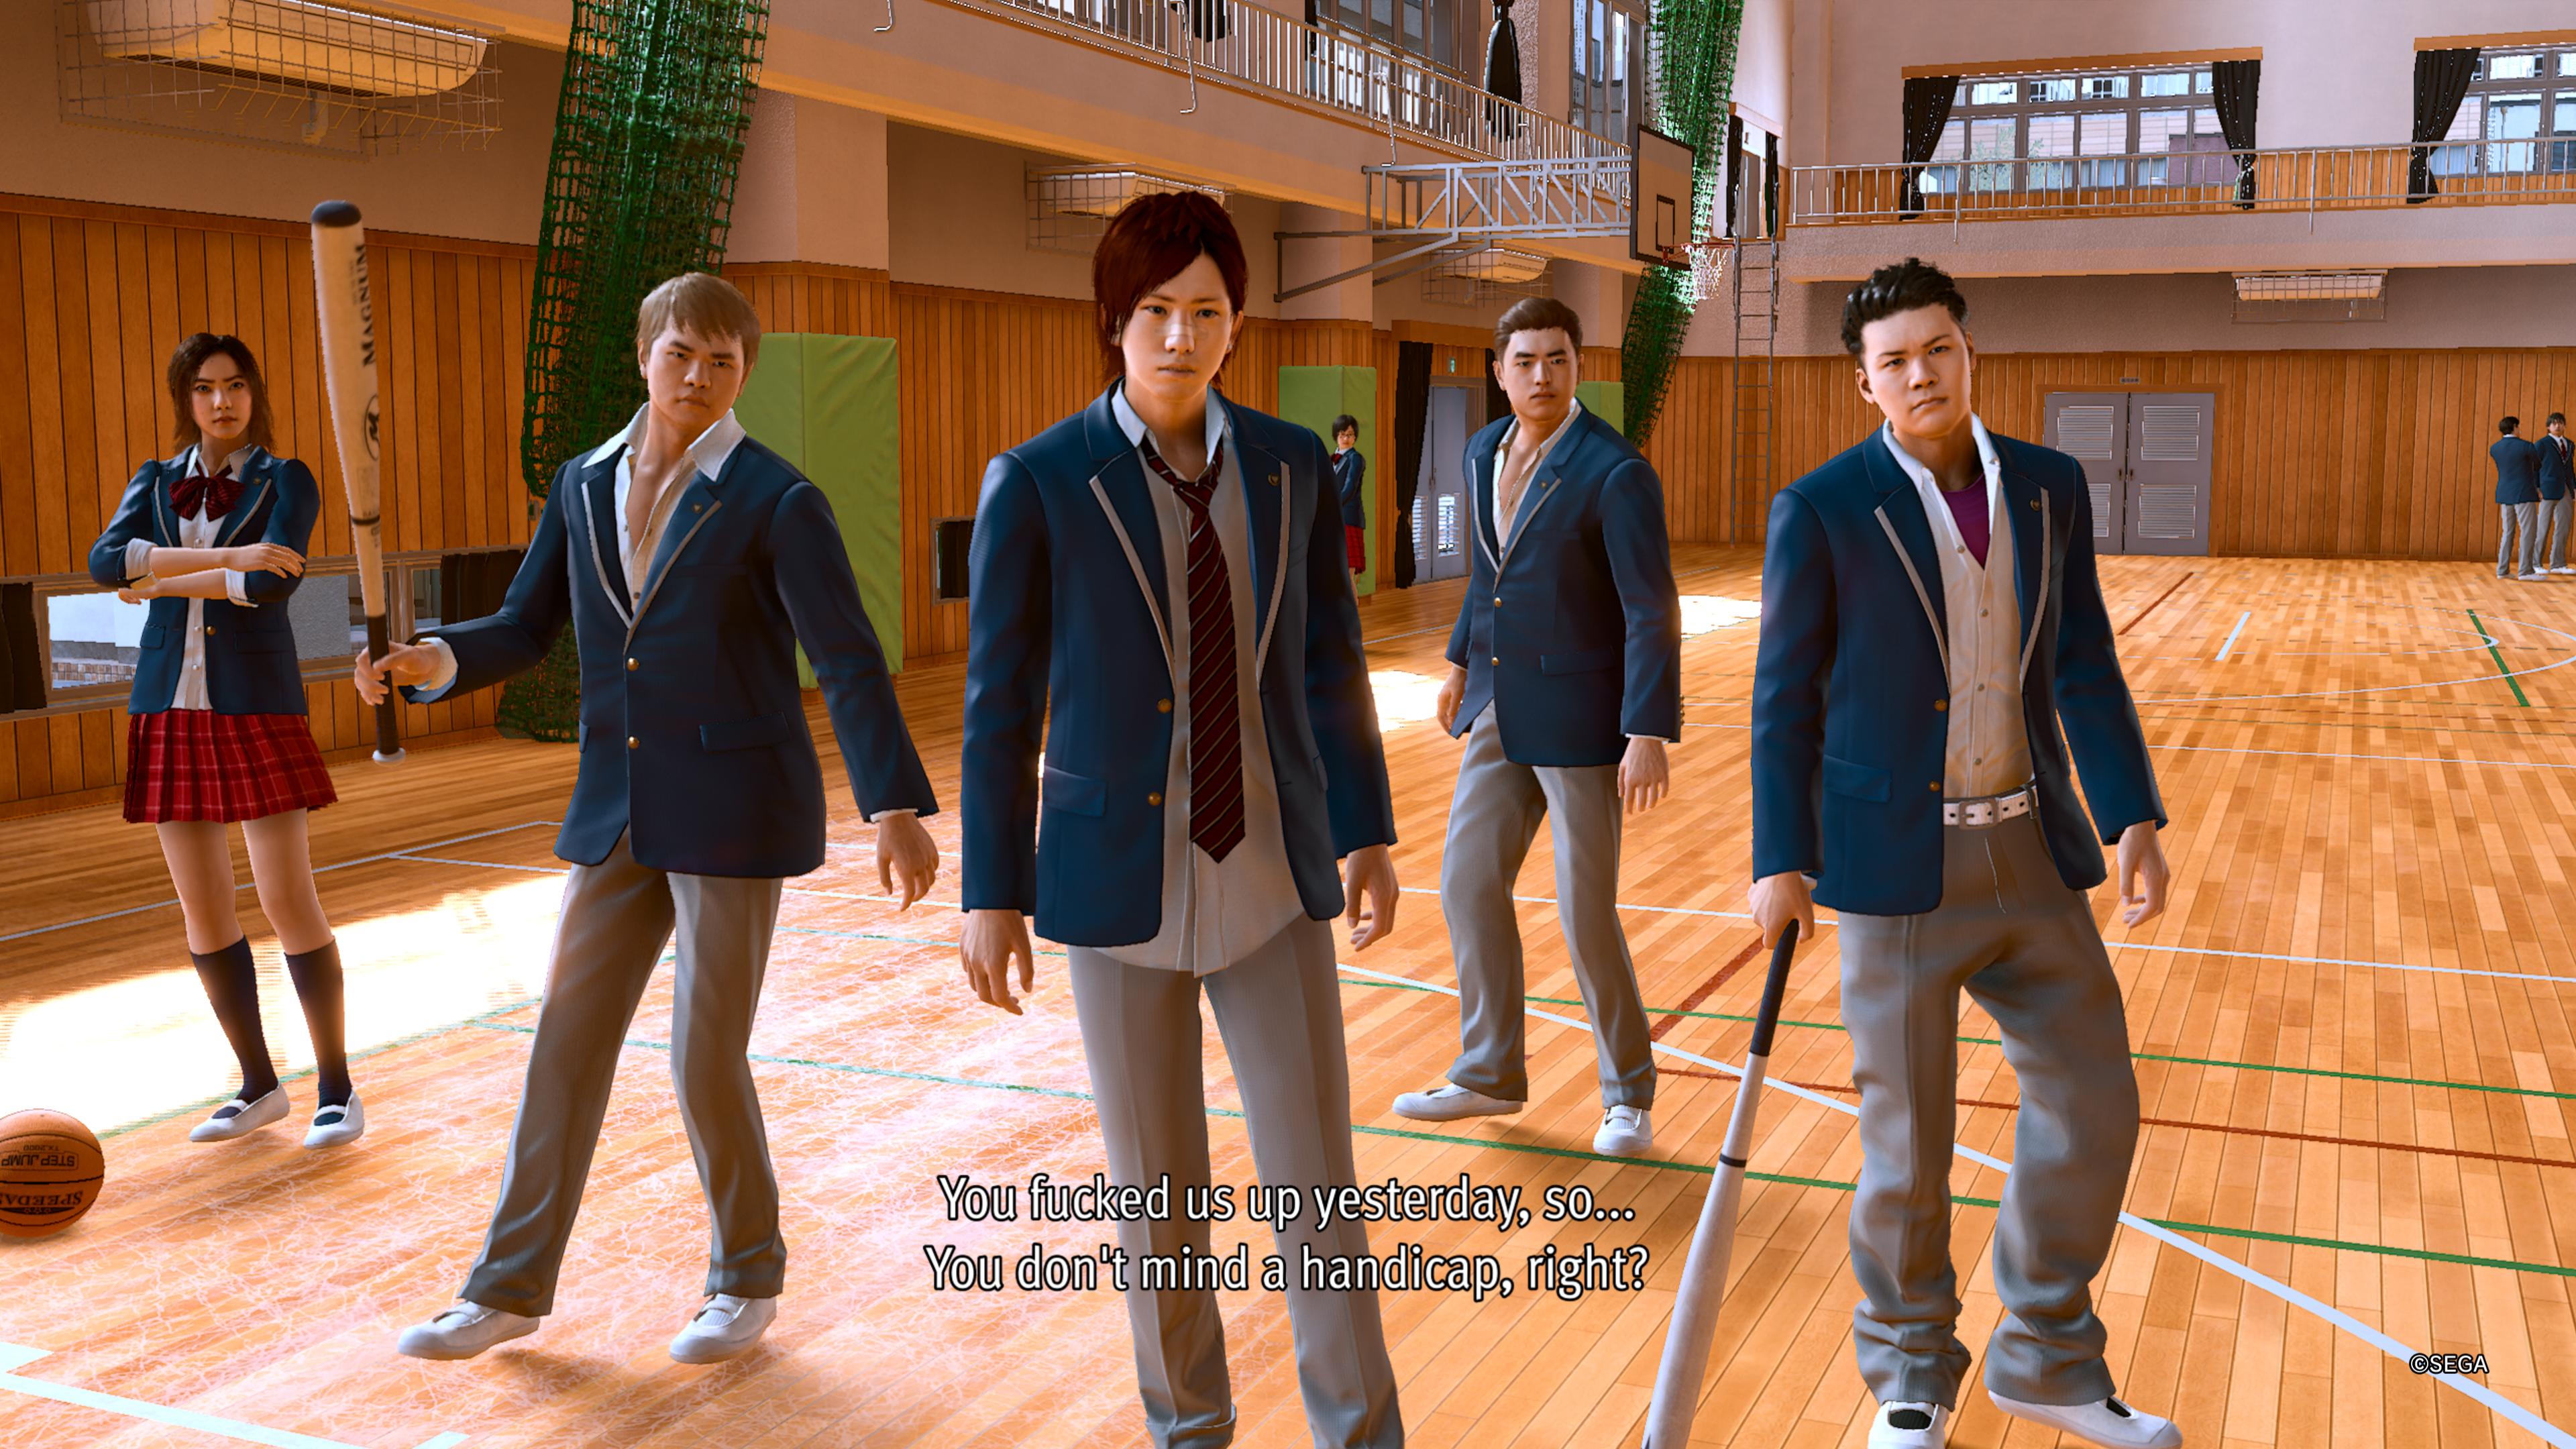 Szkolny gang, edycja japońska. Tematyka podejmowana przez Lost Judgment może wziąć grających z zaskoczenia